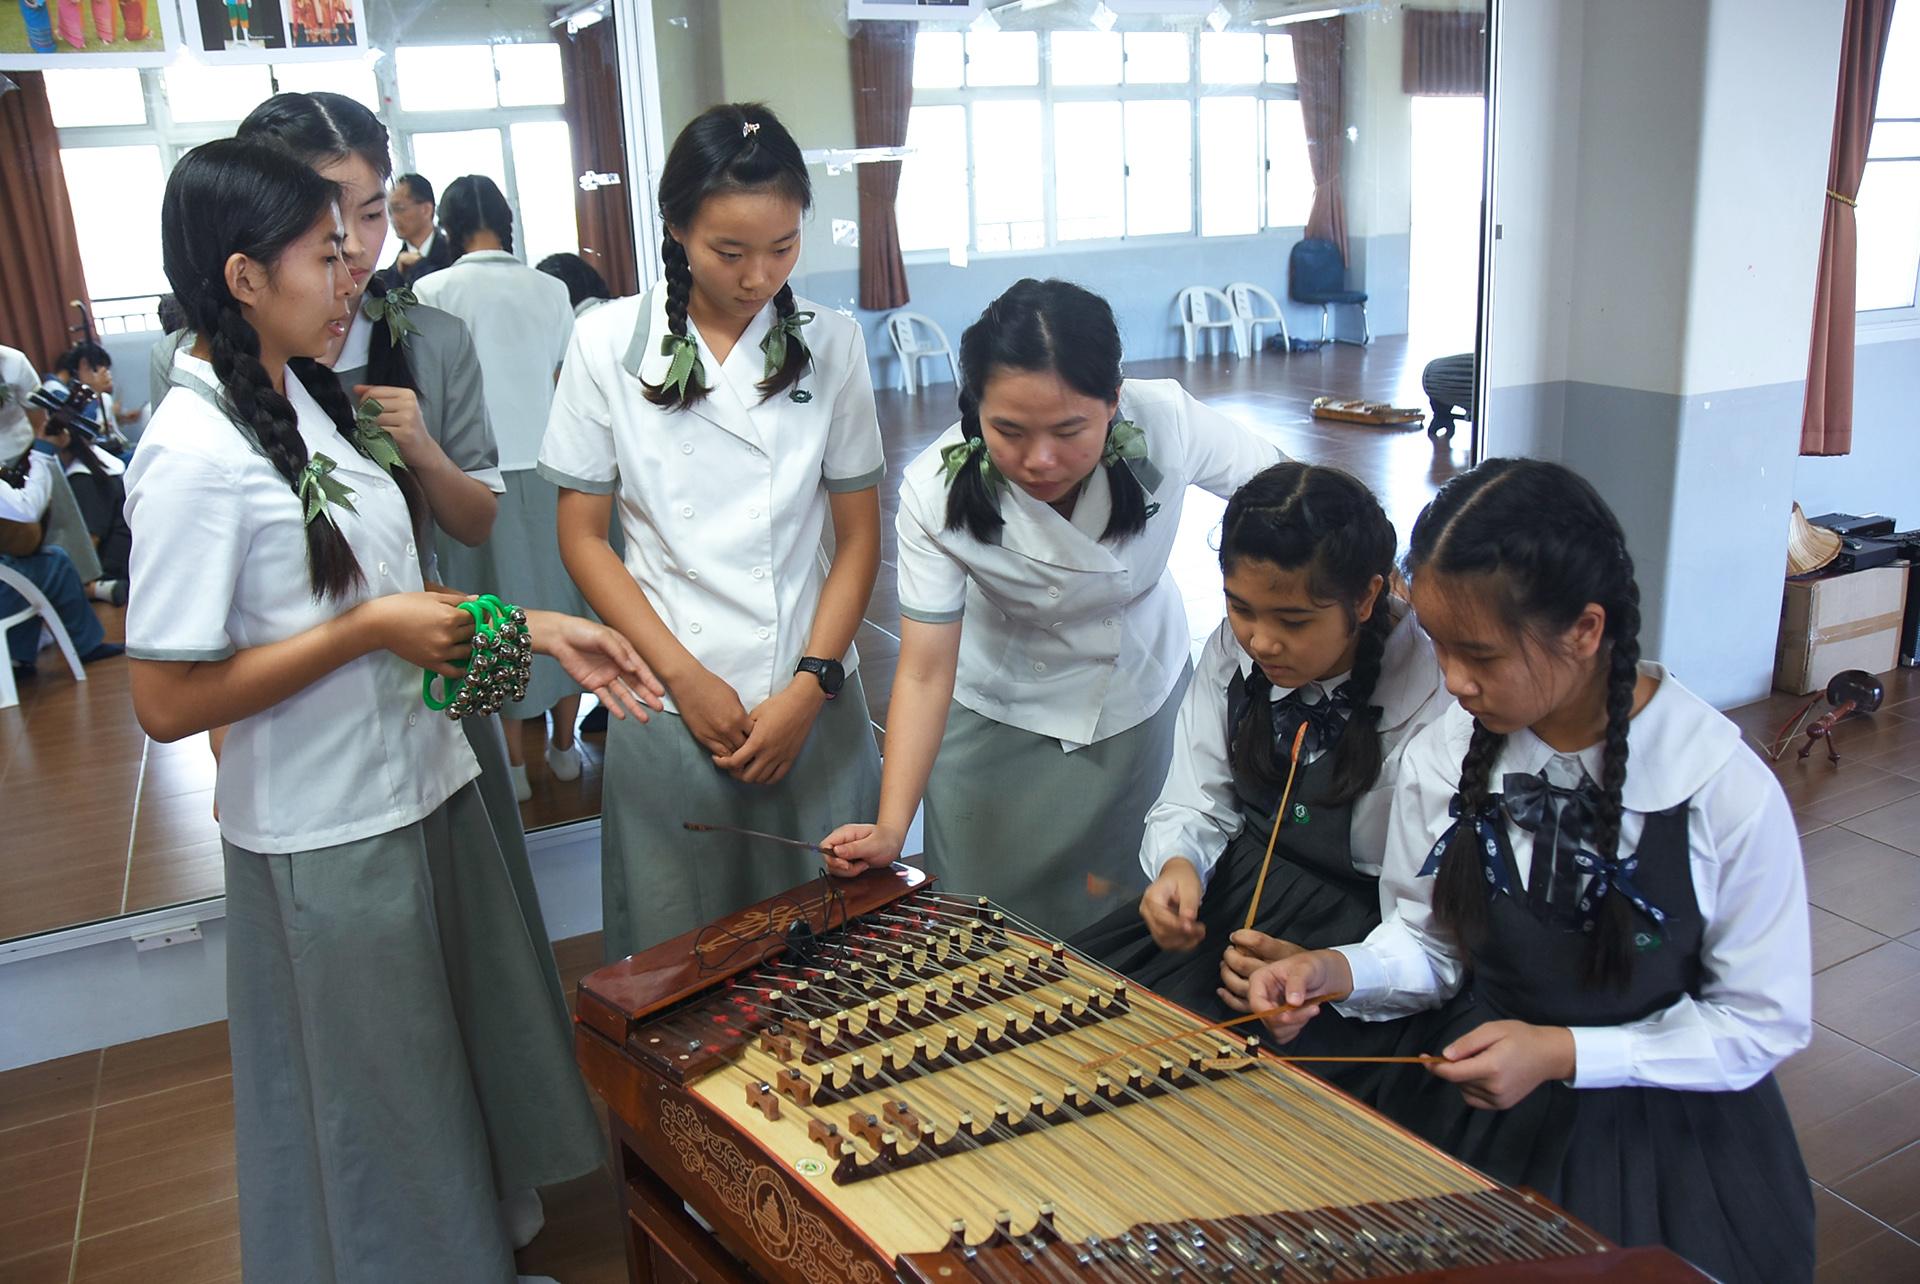 清邁慈濟學校師生與慈濟科技大學師生交流彼此的樂器。